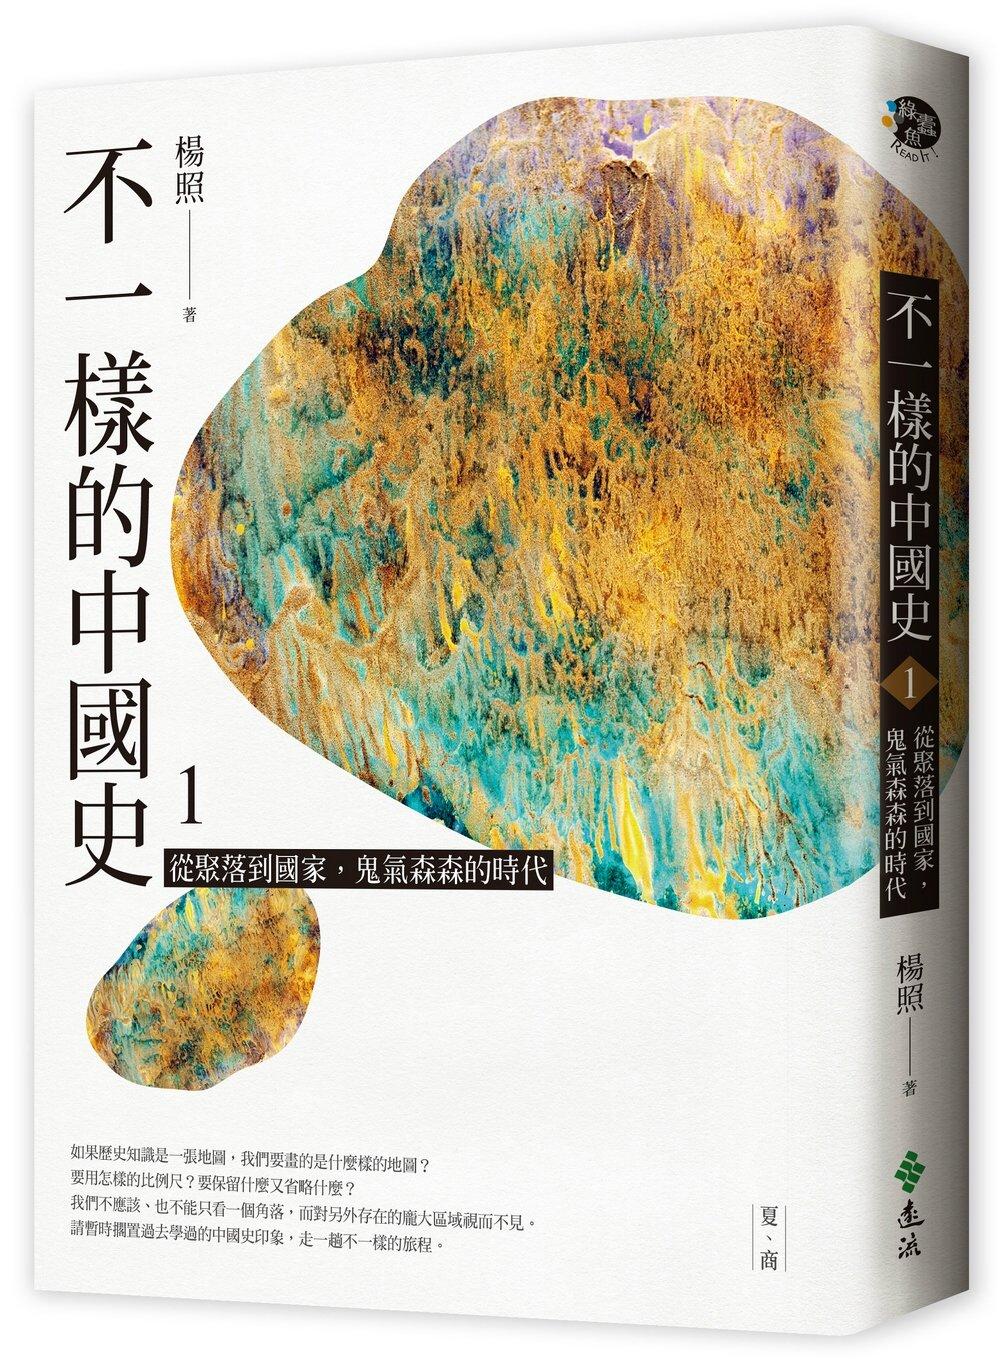 不一樣的中國史1:從聚落到國家,鬼氣森森的時代──夏、商